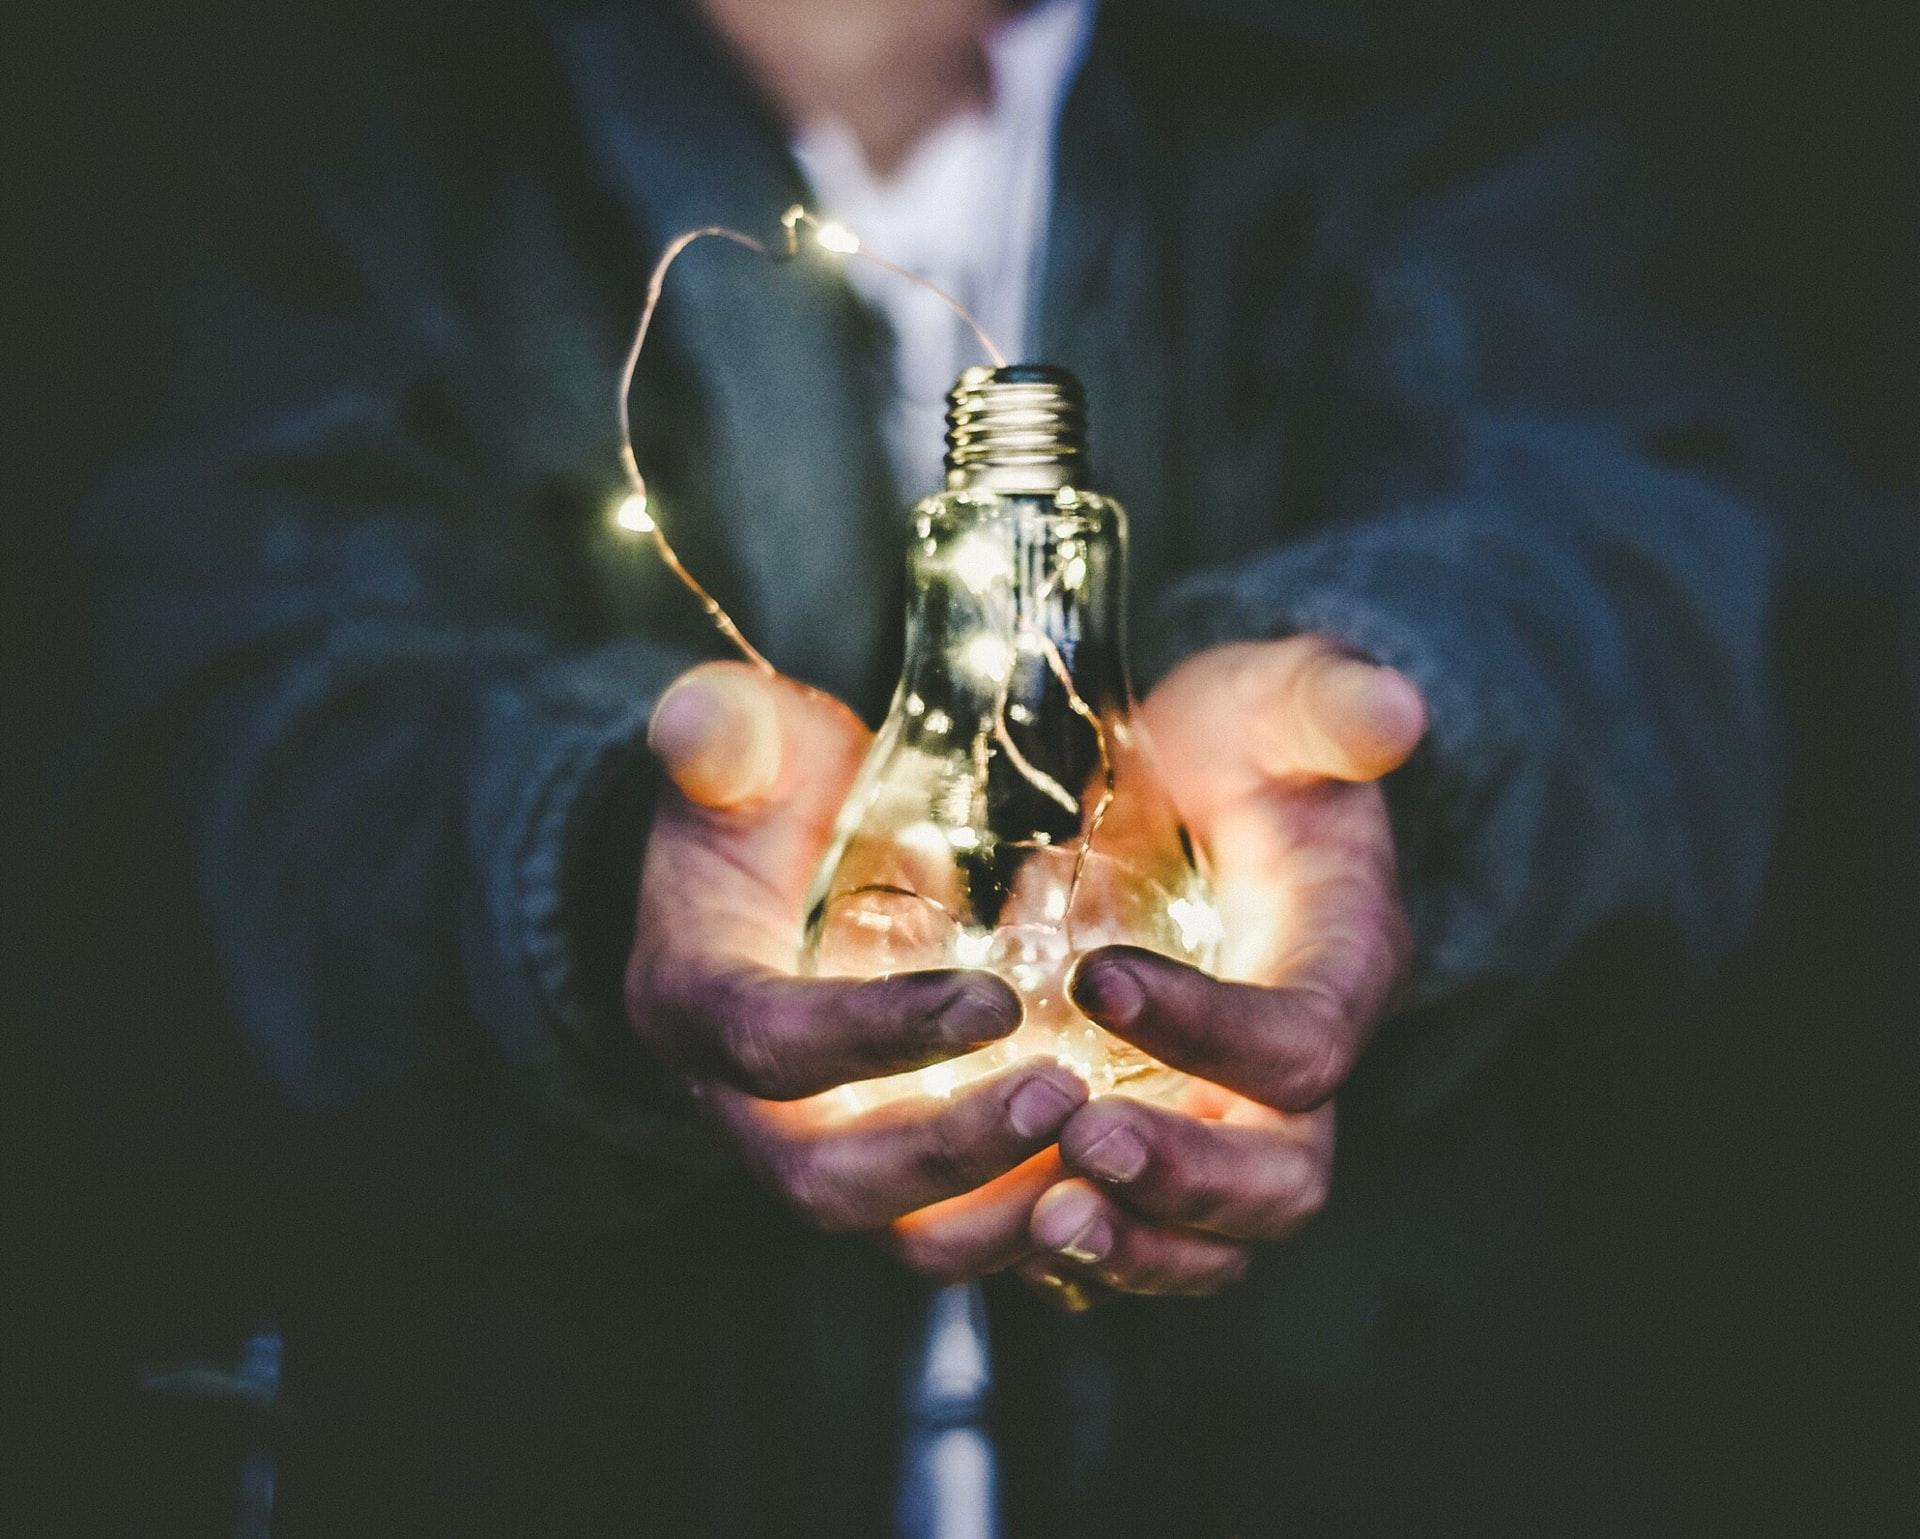 Sæt dine gode ideer ud i livet